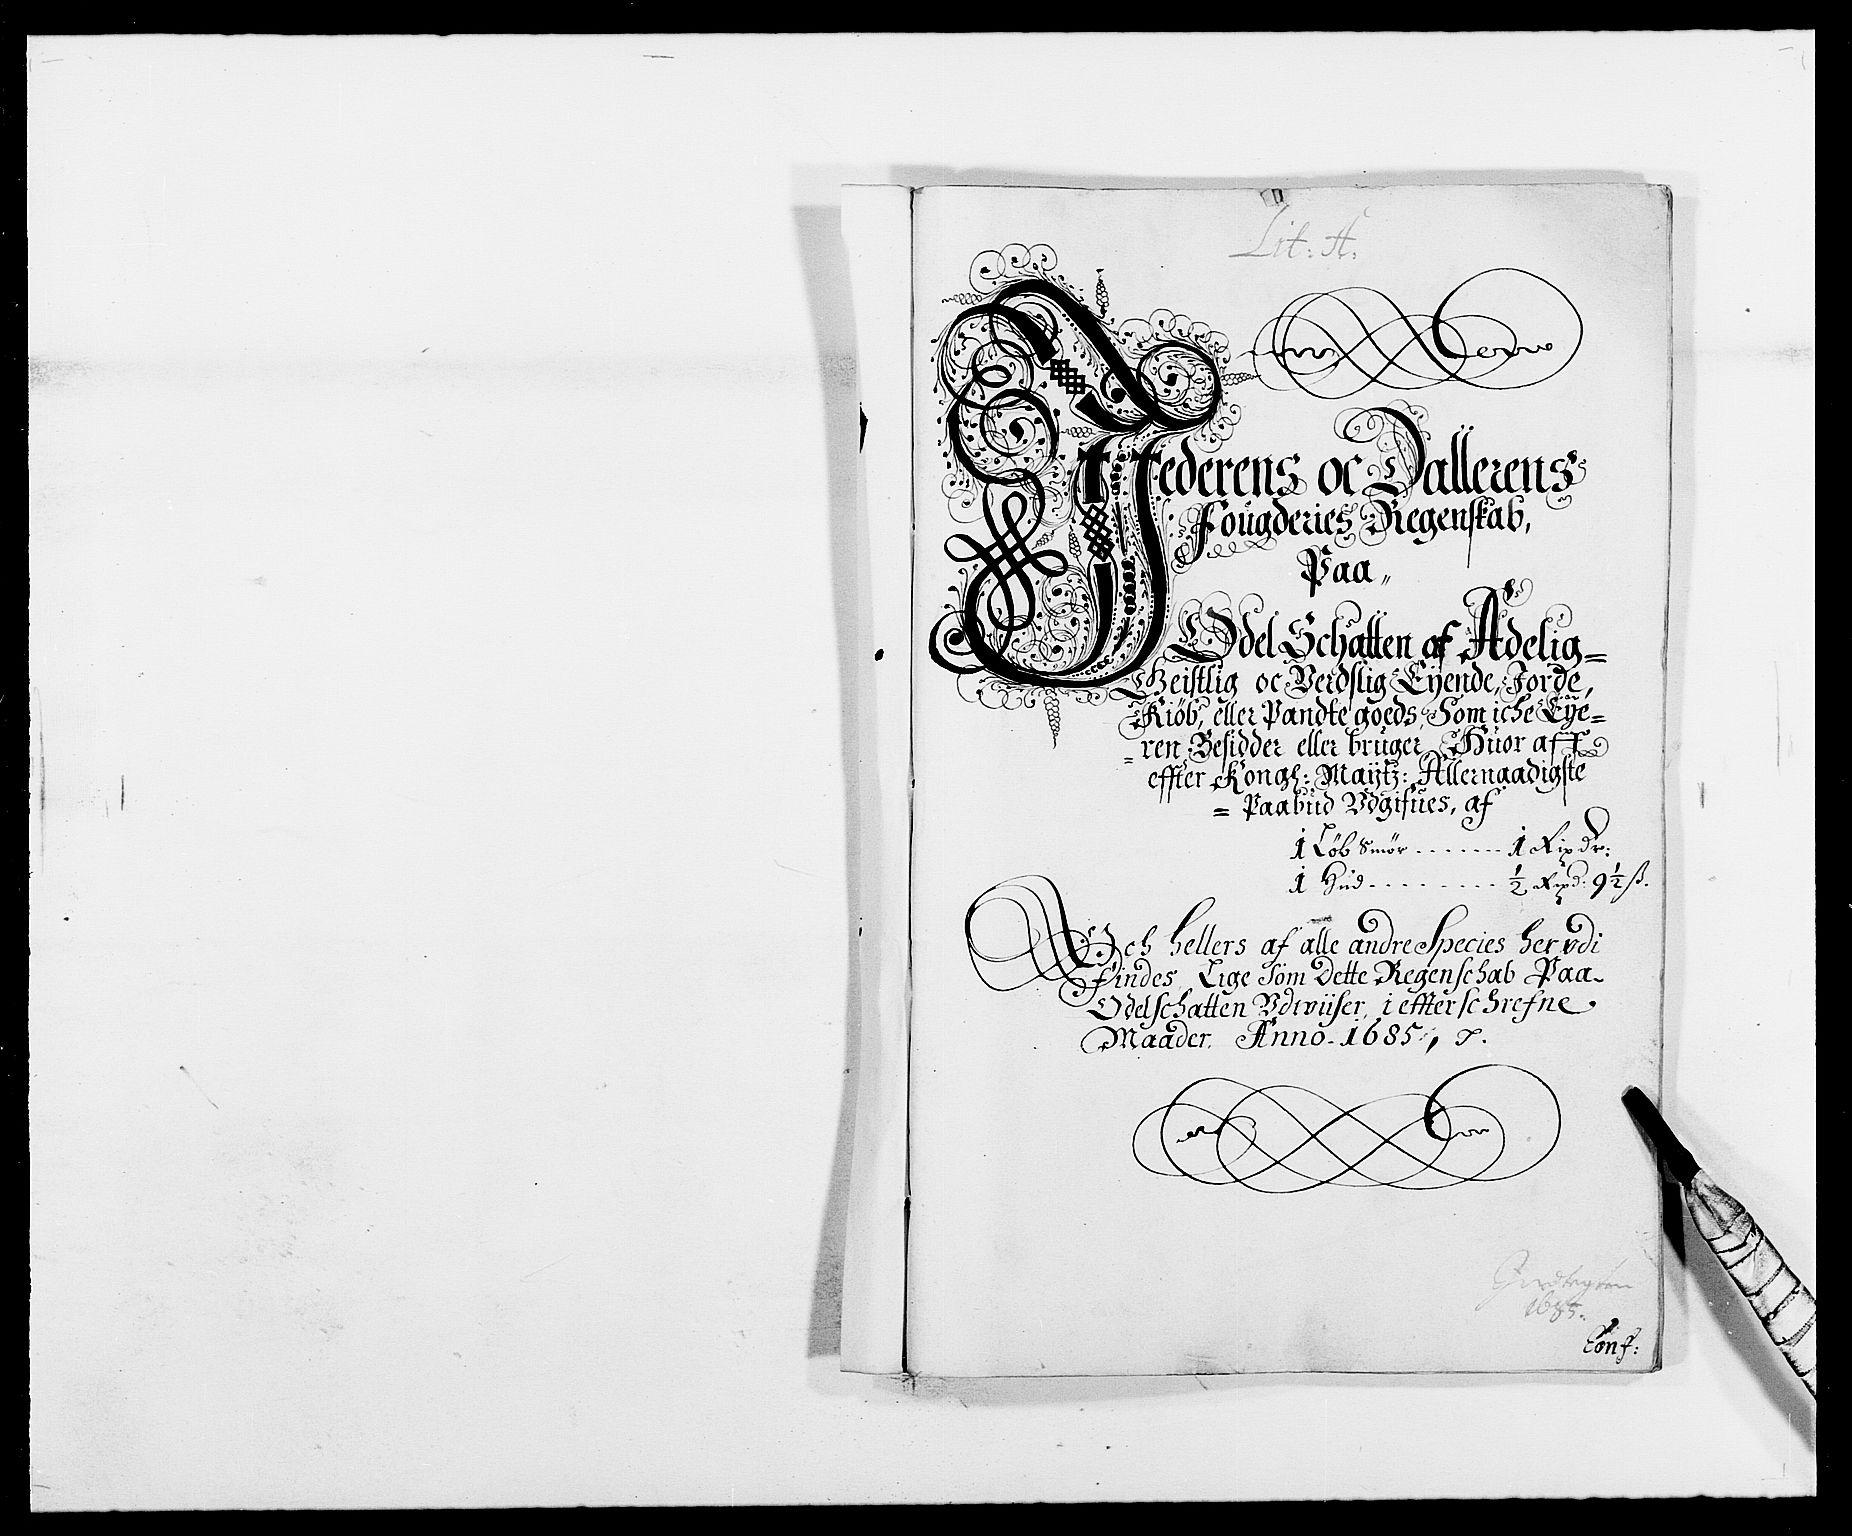 RA, Rentekammeret inntil 1814, Reviderte regnskaper, Fogderegnskap, R46/L2725: Fogderegnskap Jæren og Dalane, 1685, s. 13